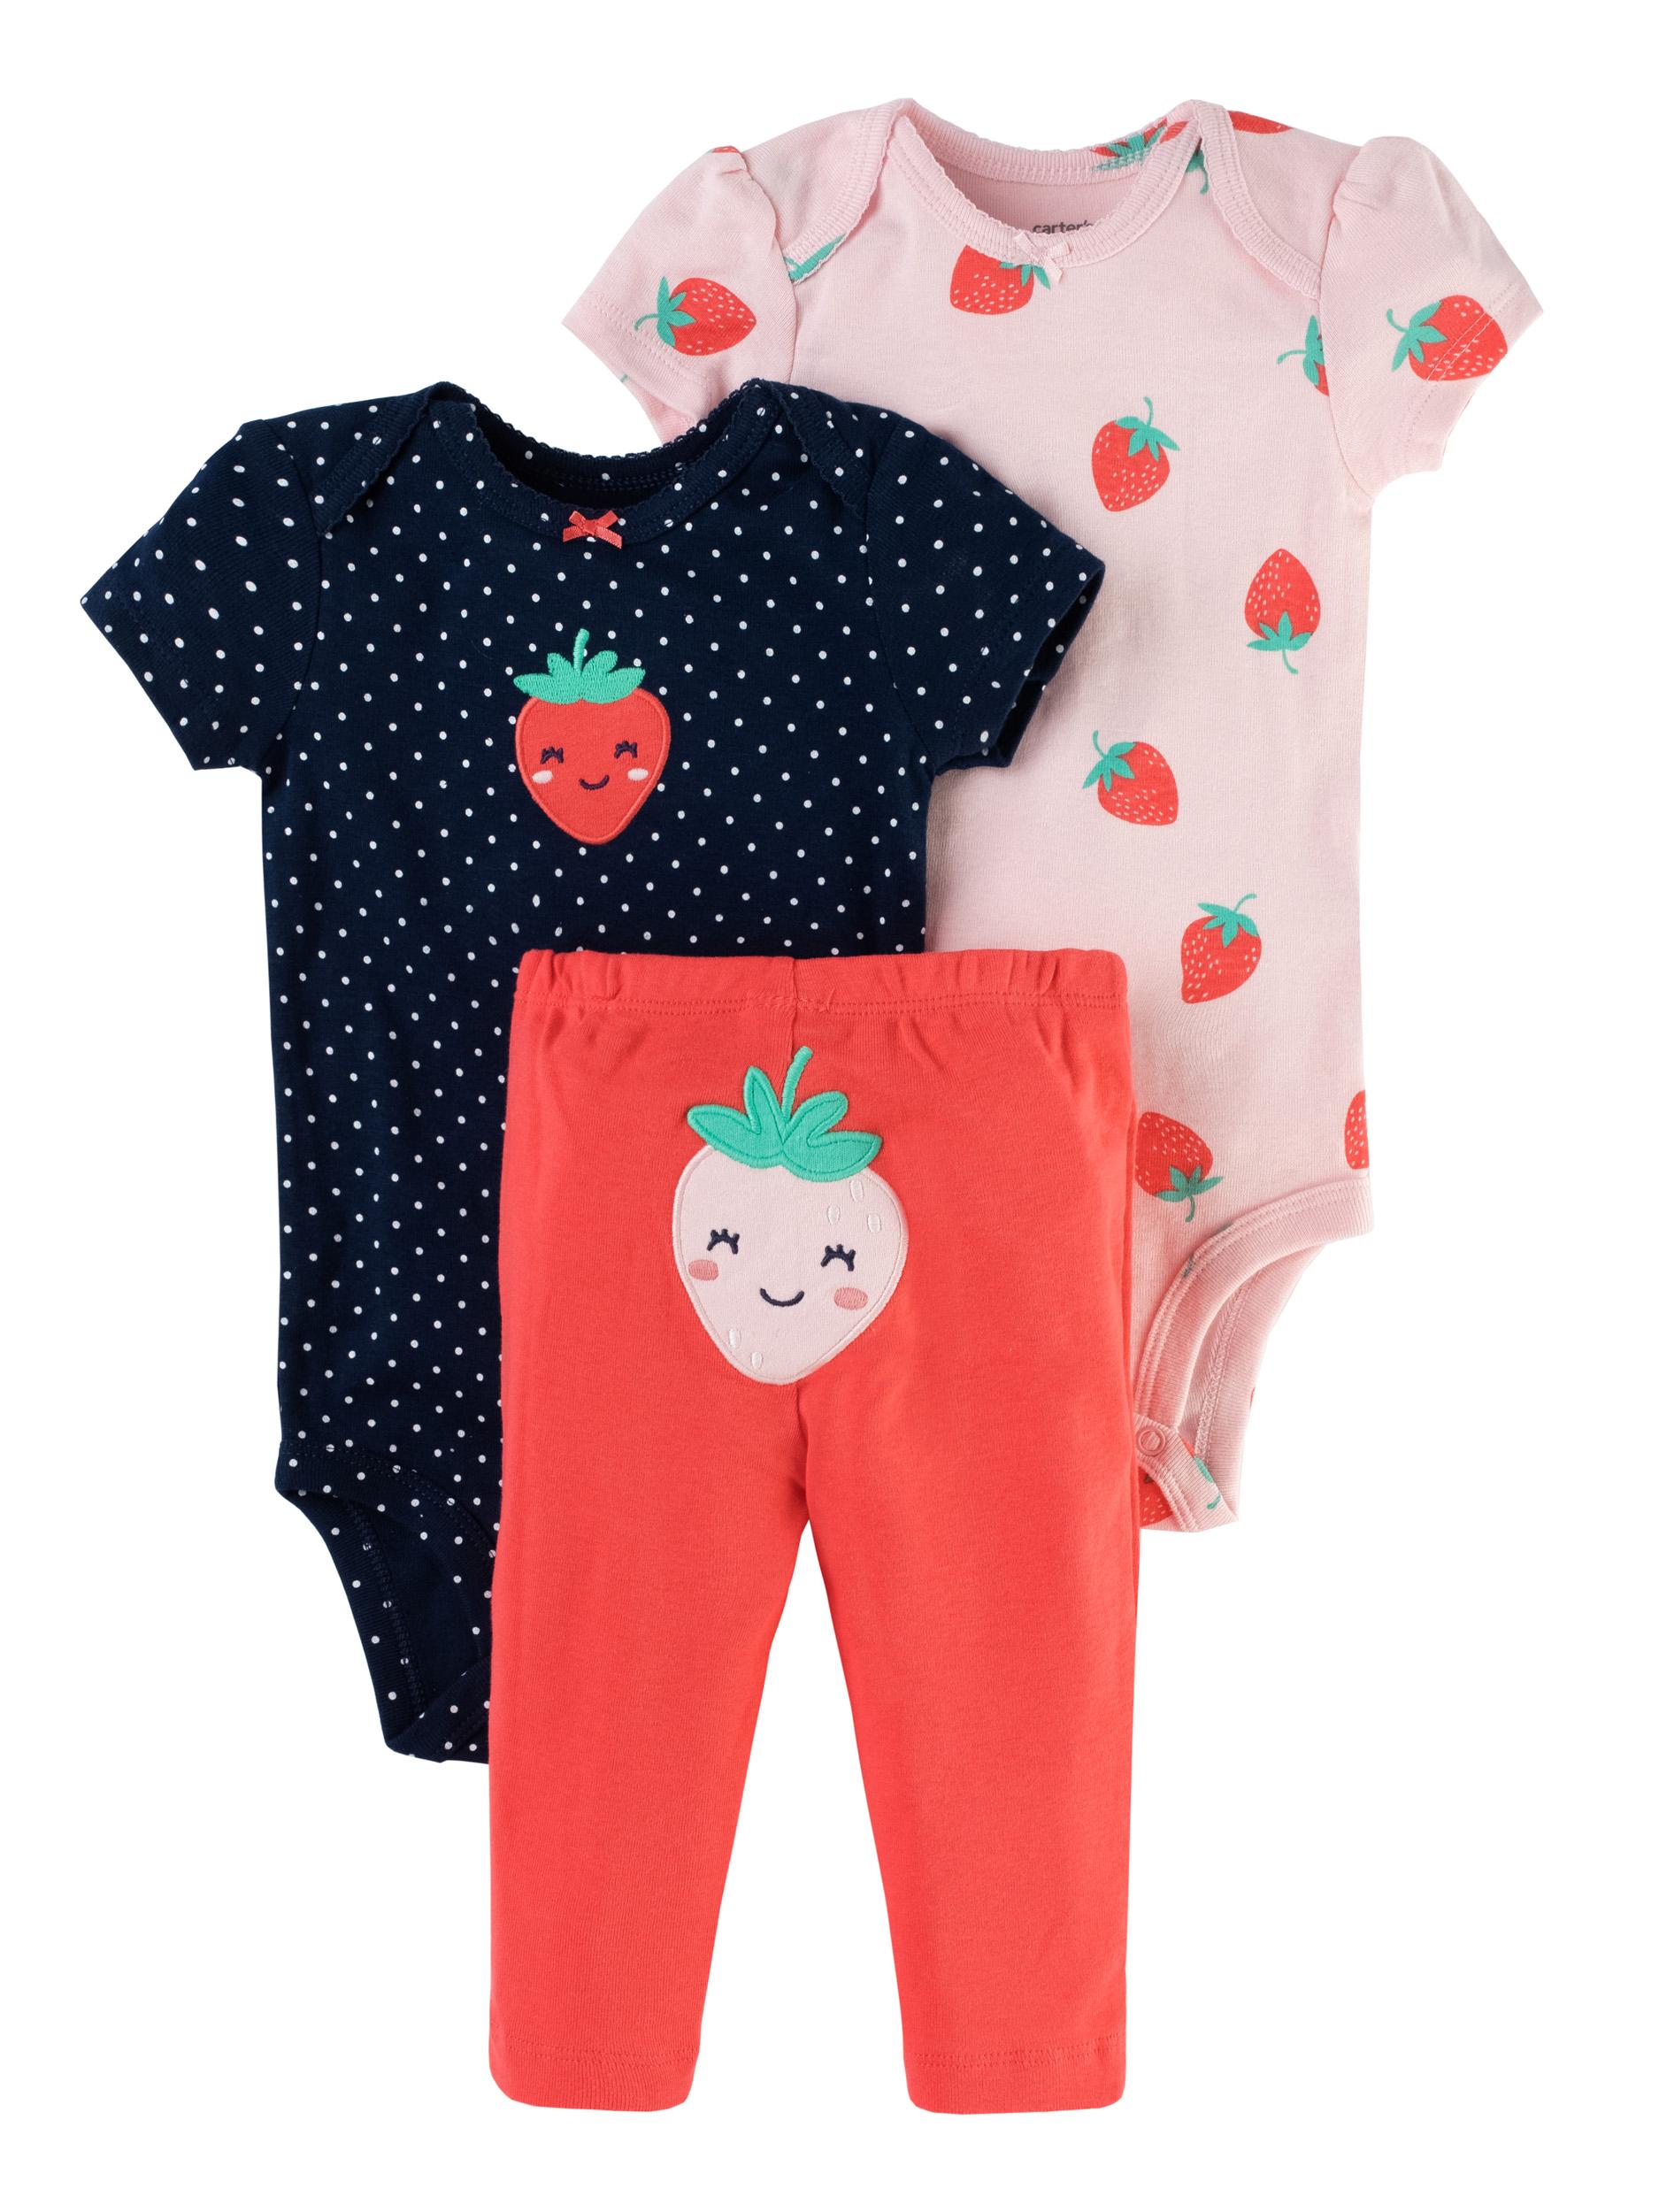 זוג בגדי גוף ומכנס תות